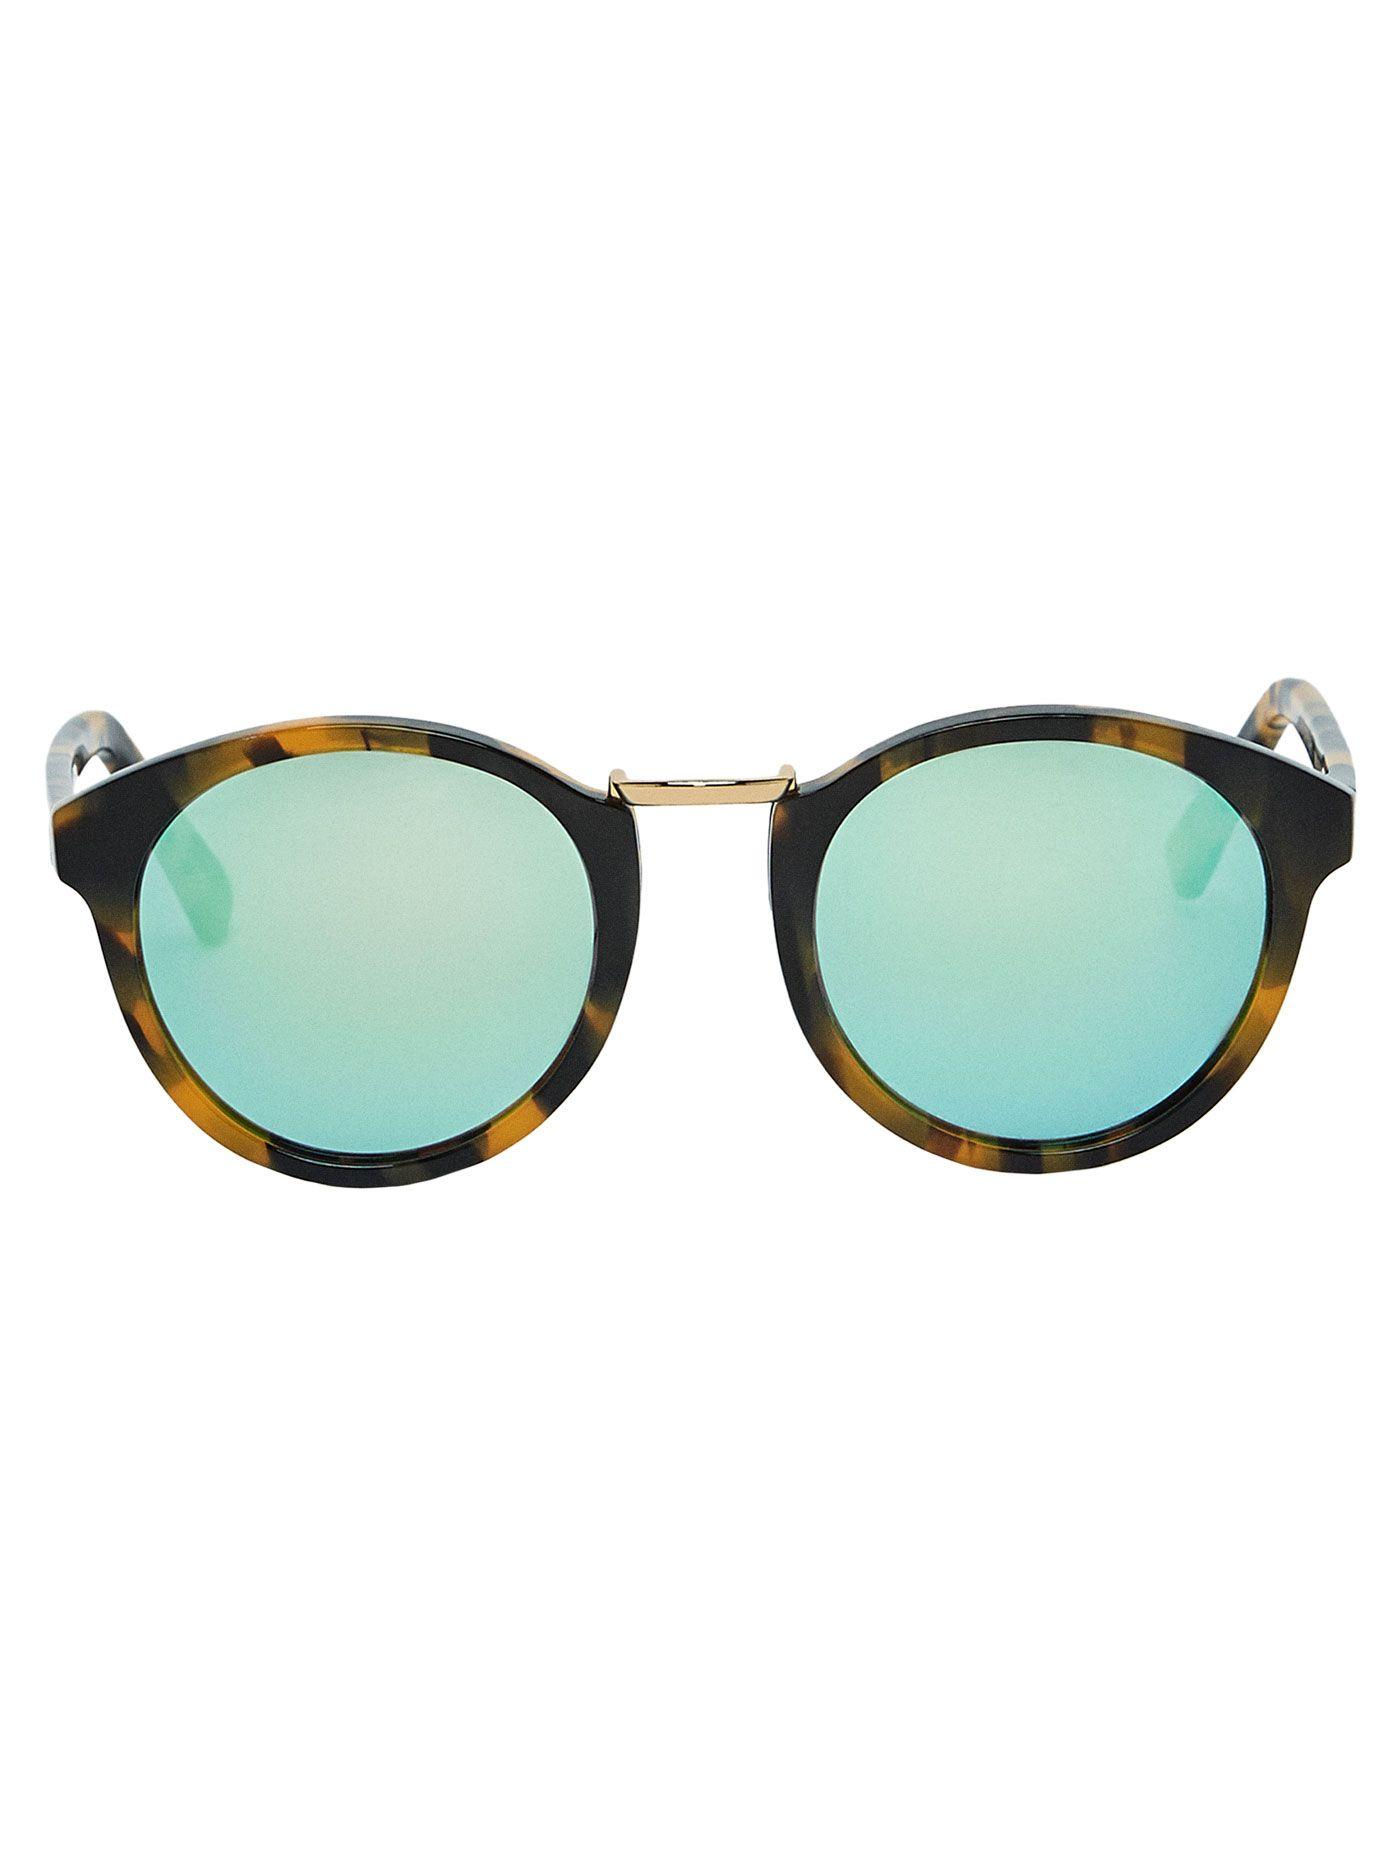 1216196b40 Gafas de sol estilo round con montura de pasta efecto carey, lentes de  espejo con